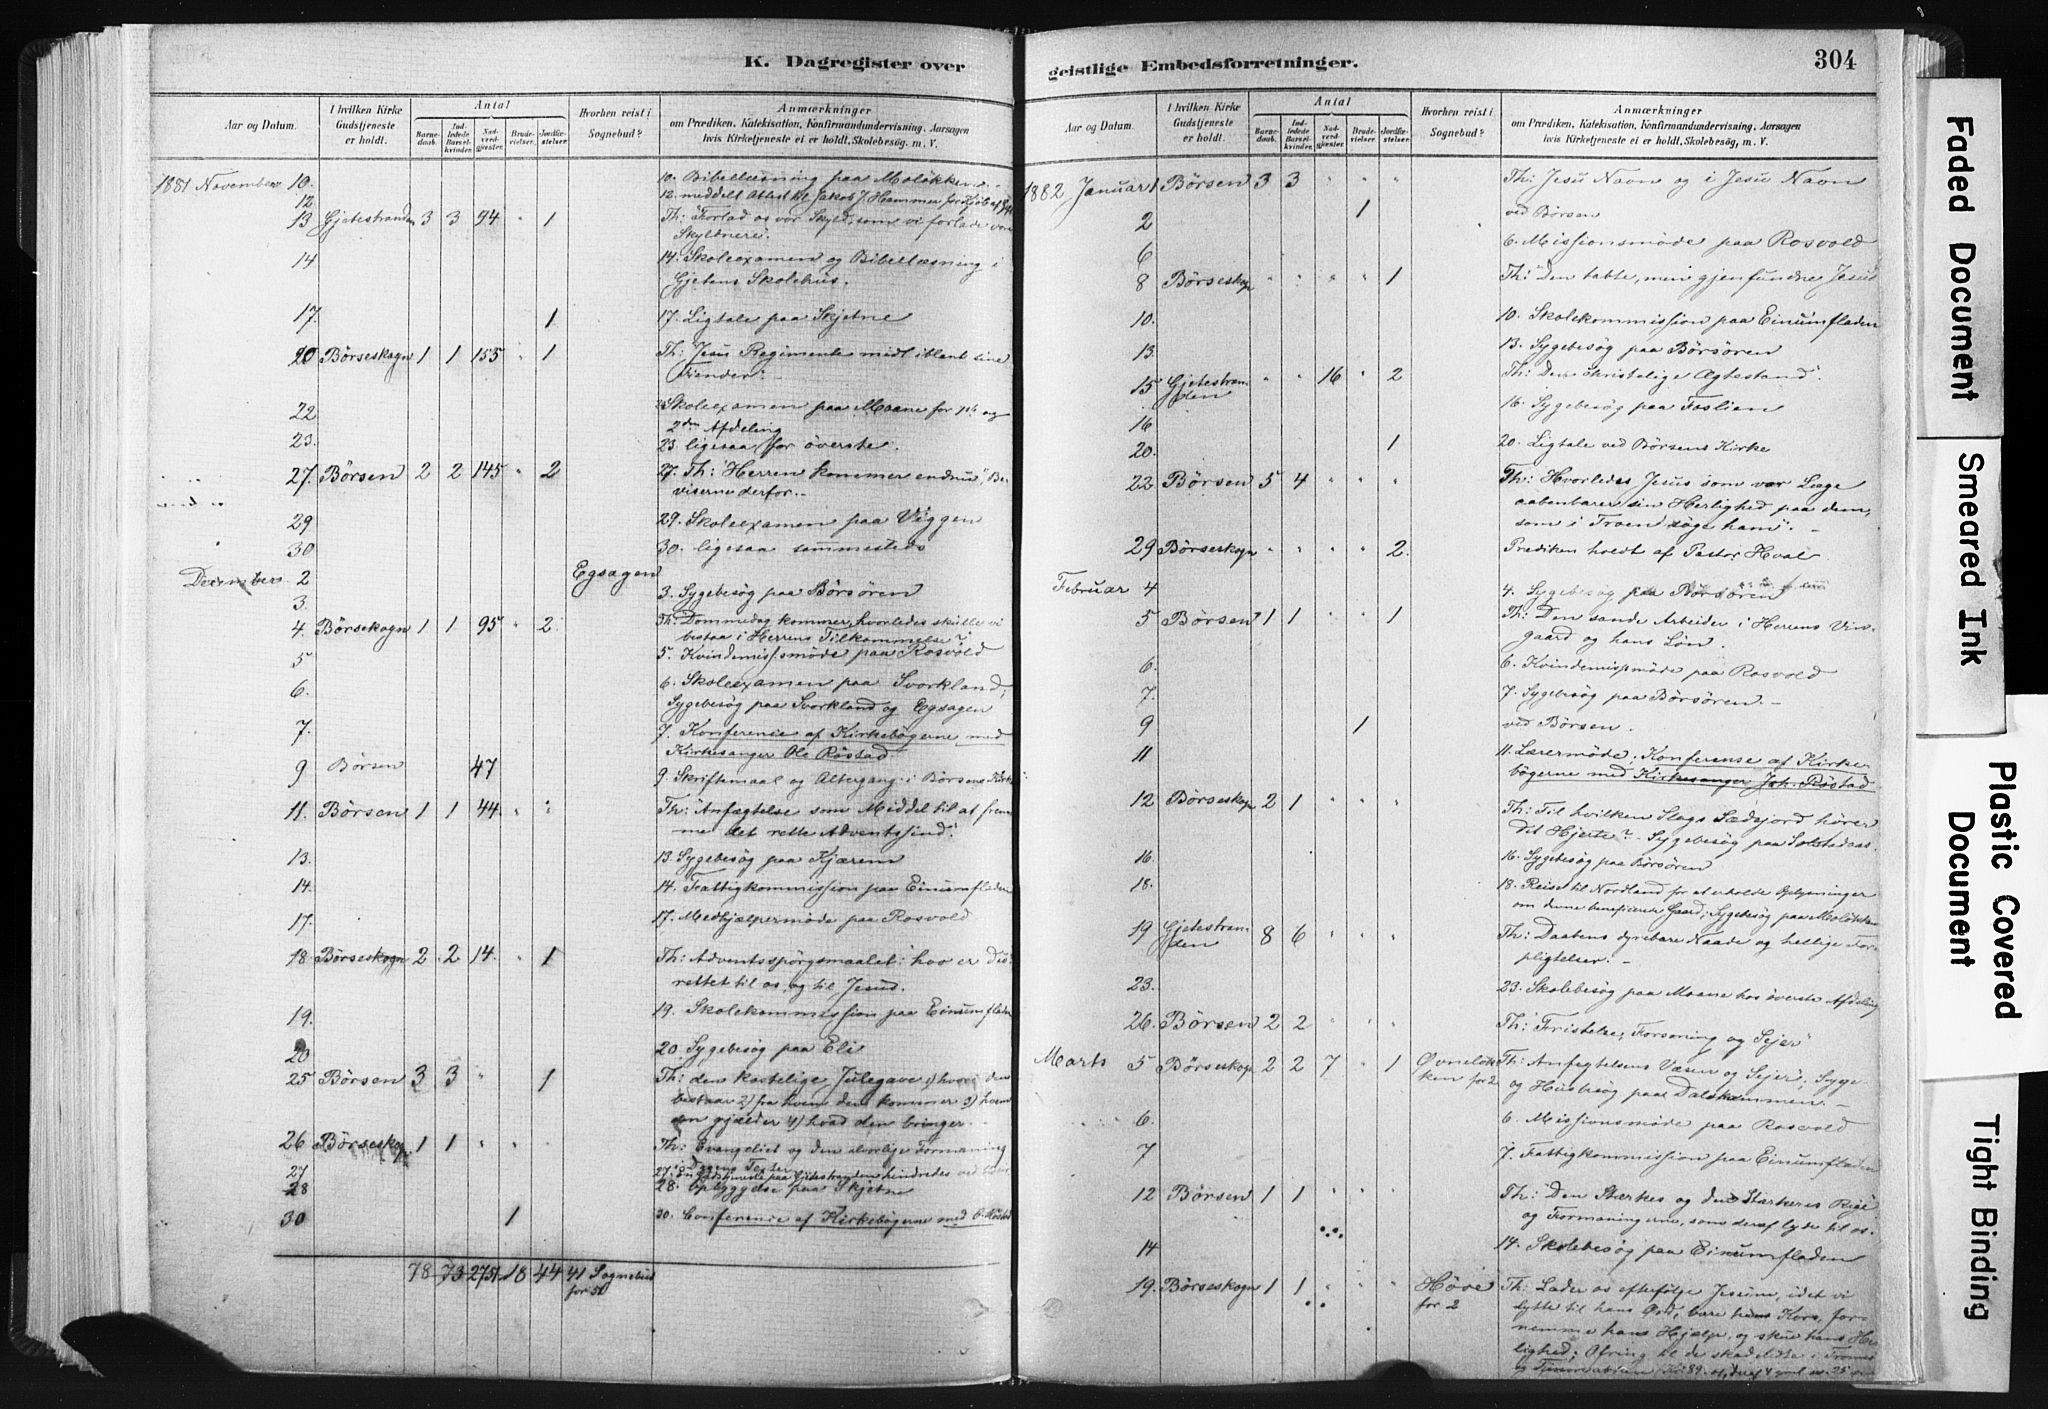 SAT, Ministerialprotokoller, klokkerbøker og fødselsregistre - Sør-Trøndelag, 665/L0773: Ministerialbok nr. 665A08, 1879-1905, s. 304